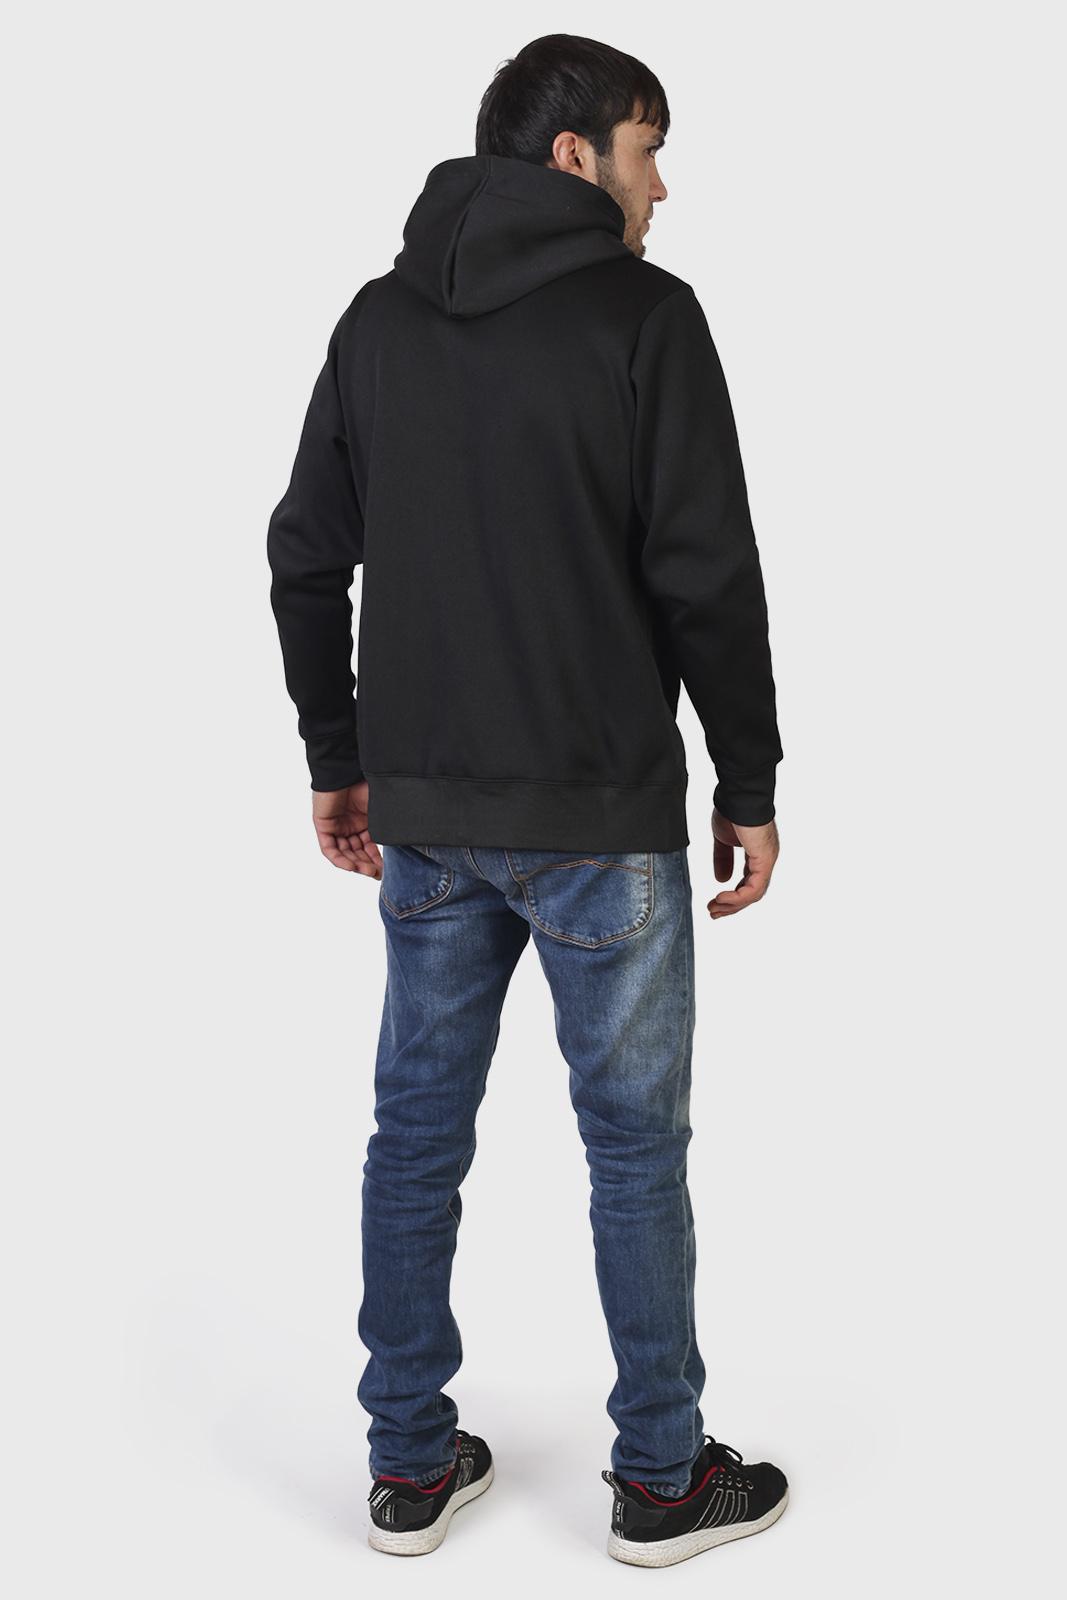 Мужская толстовка с эмблемой 2 ОБрСпН купить с доставкой